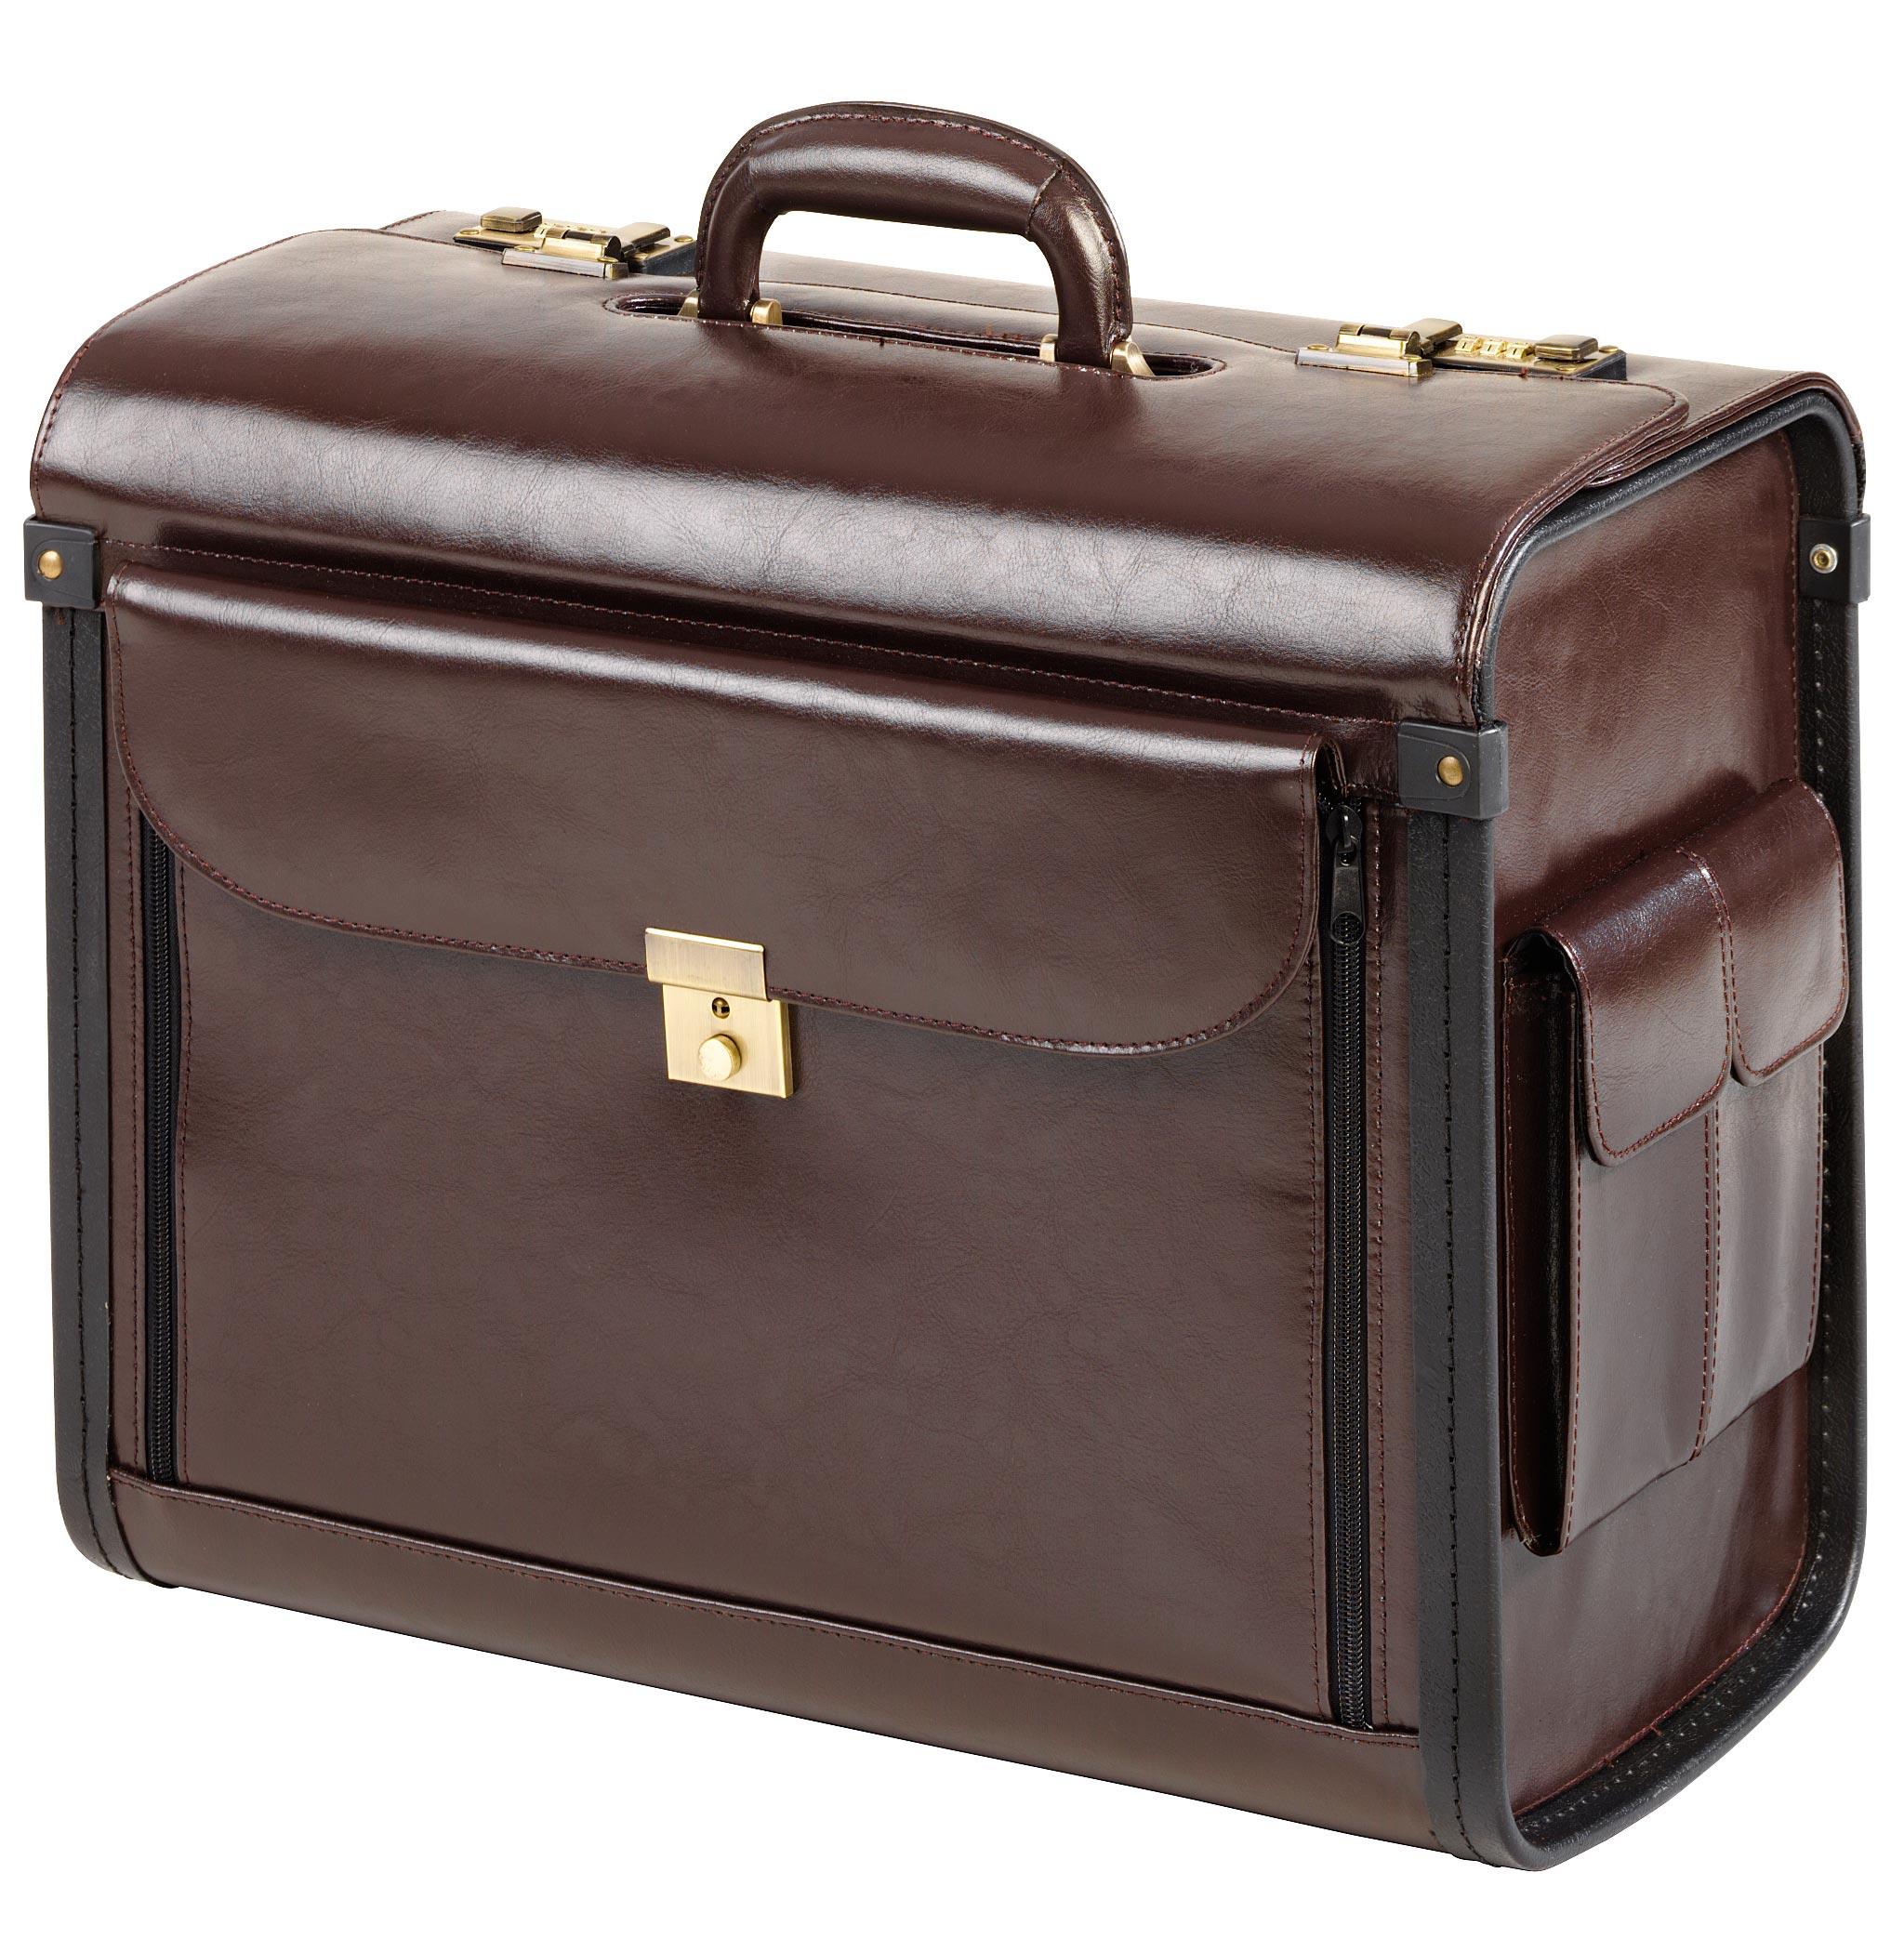 valise de pilote en cuir profil marron bagagerie d 39 affaires meandmy 28009 citasac. Black Bedroom Furniture Sets. Home Design Ideas